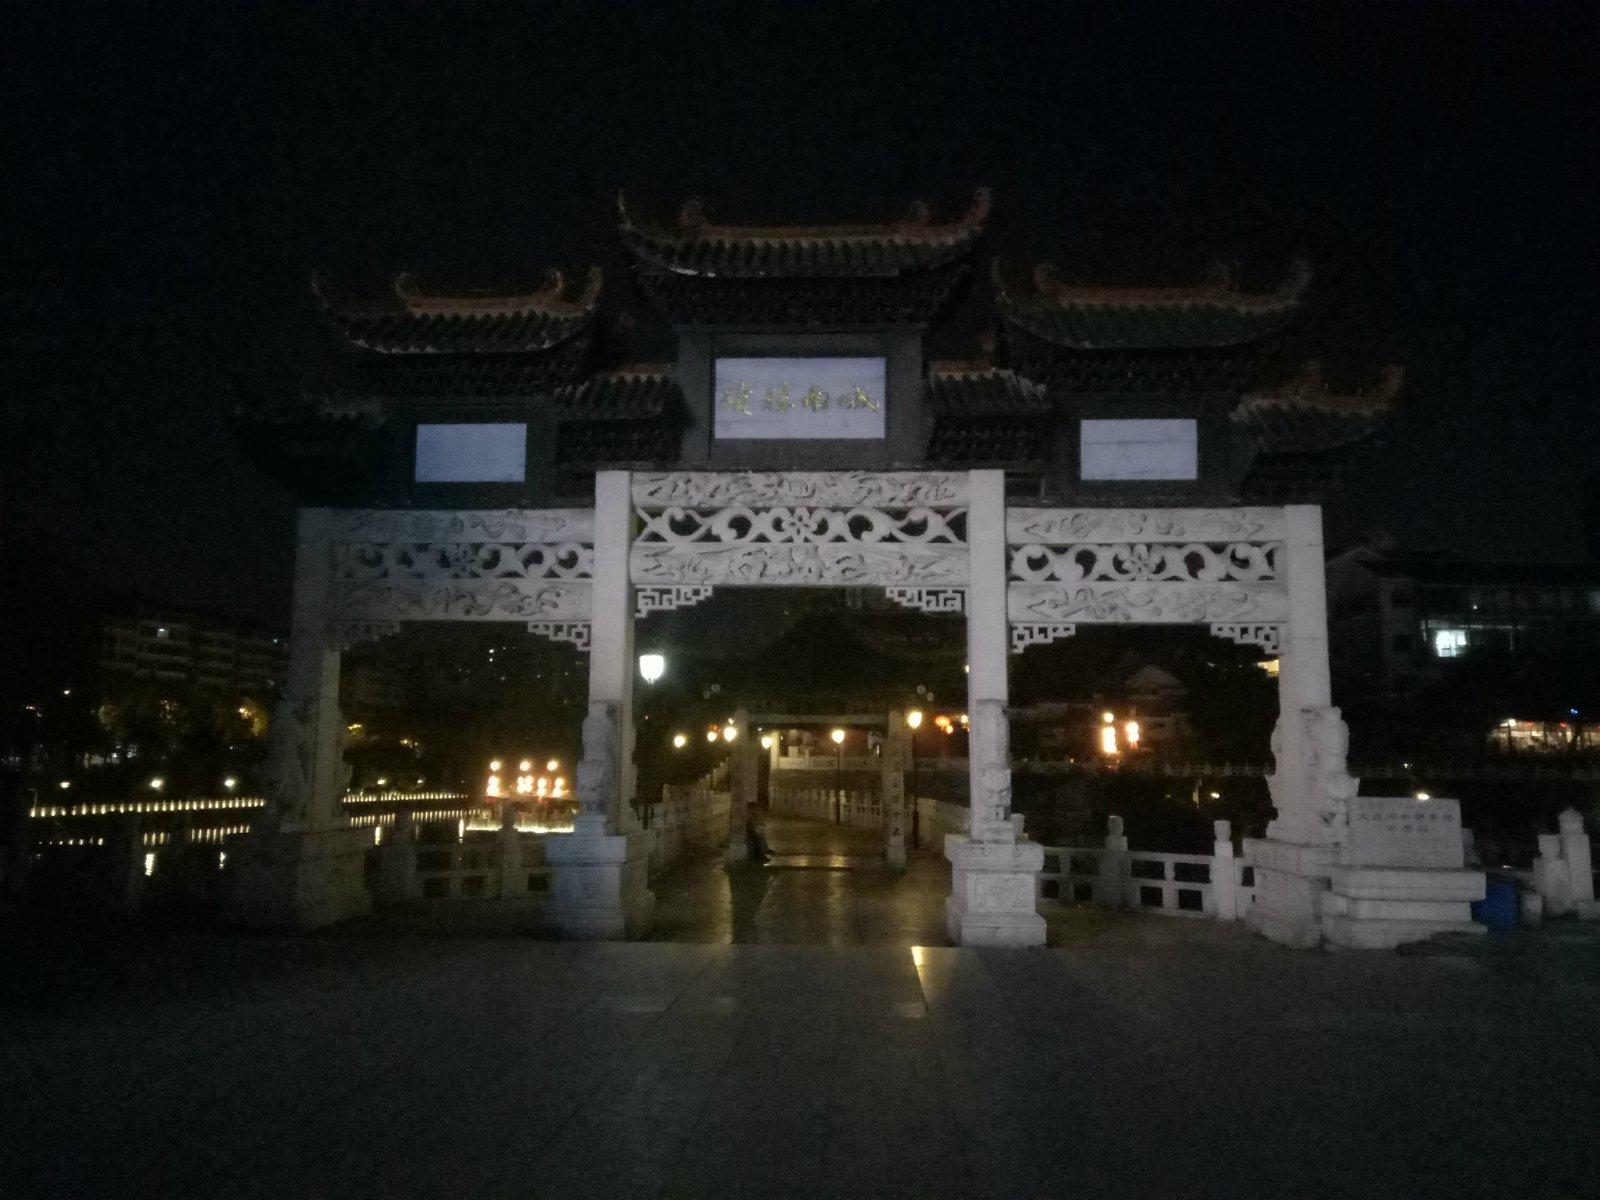 浙江人游贵州,最经济最休闲的线路